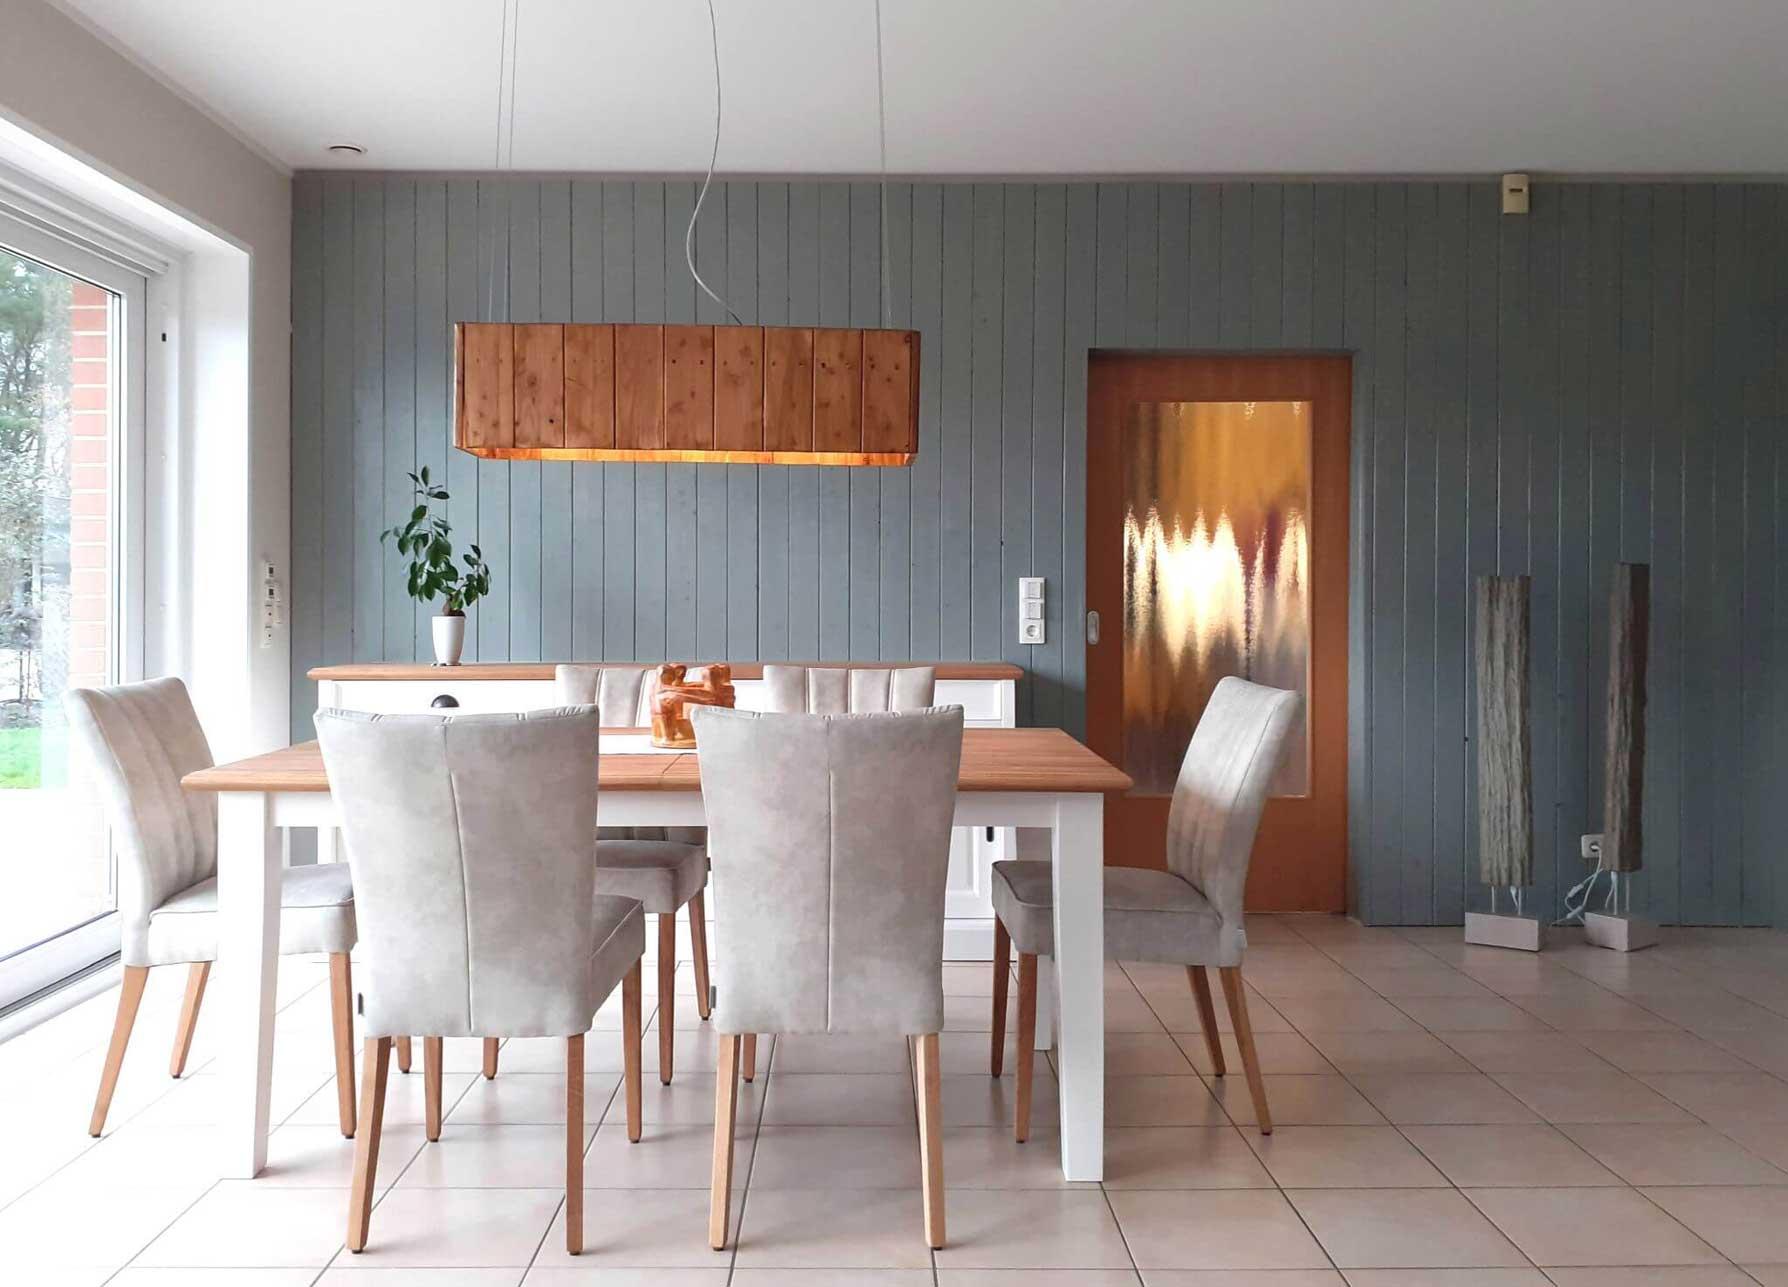 Die vertikale Holzschalung in Blau-Grau streckt den Raum optisch.